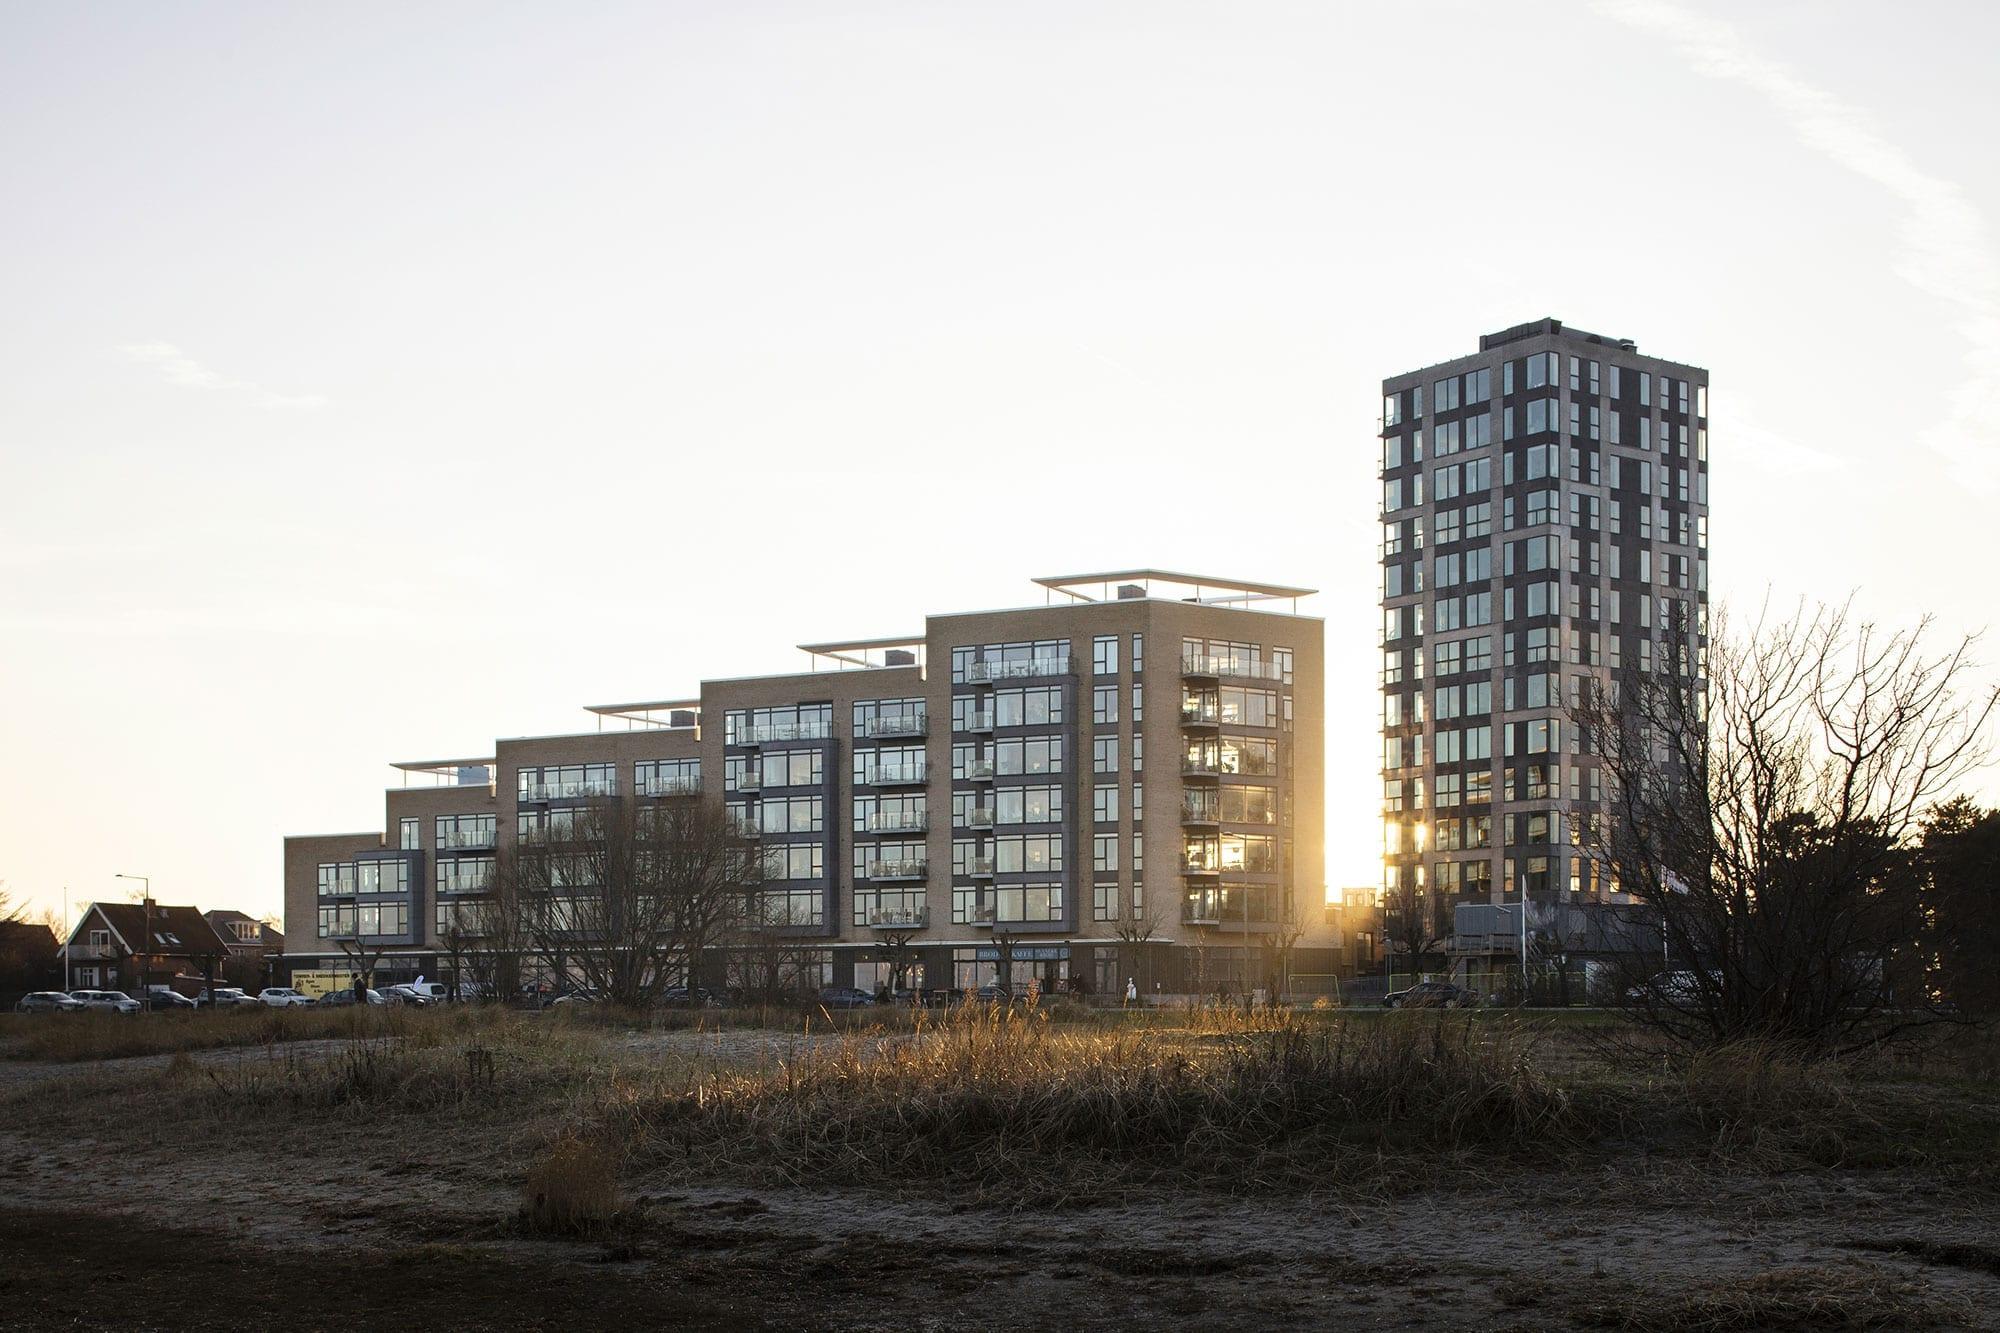 amager-strandpark-strandkanten-strandtaarnet